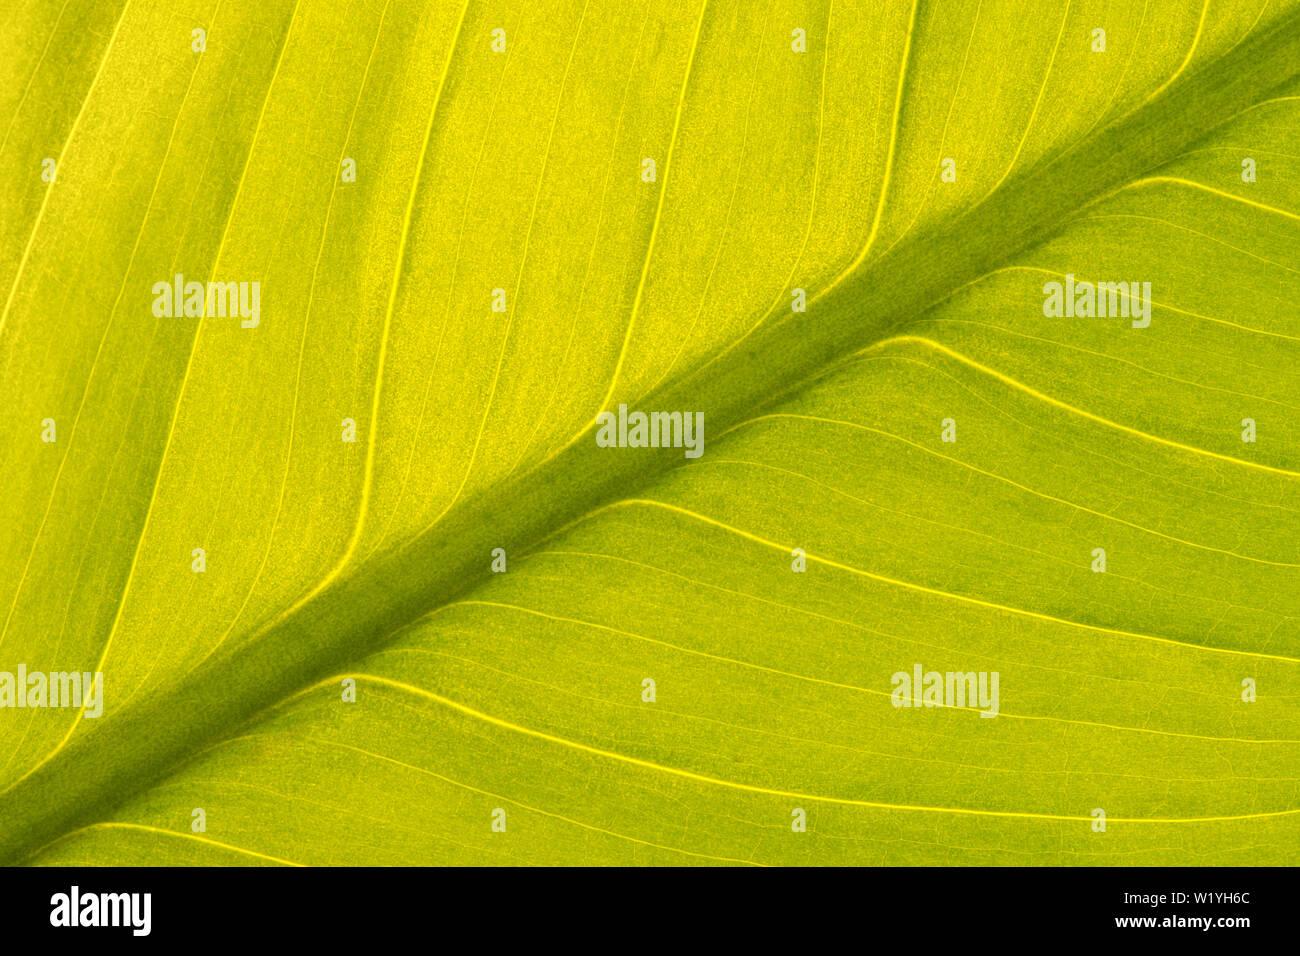 Simmetriche vista diagonale di una pace verde giglio Foglia (Spathiphyllum) con una retroilluminazione per dare una luce soffusa e texture interessanti. Foto Stock